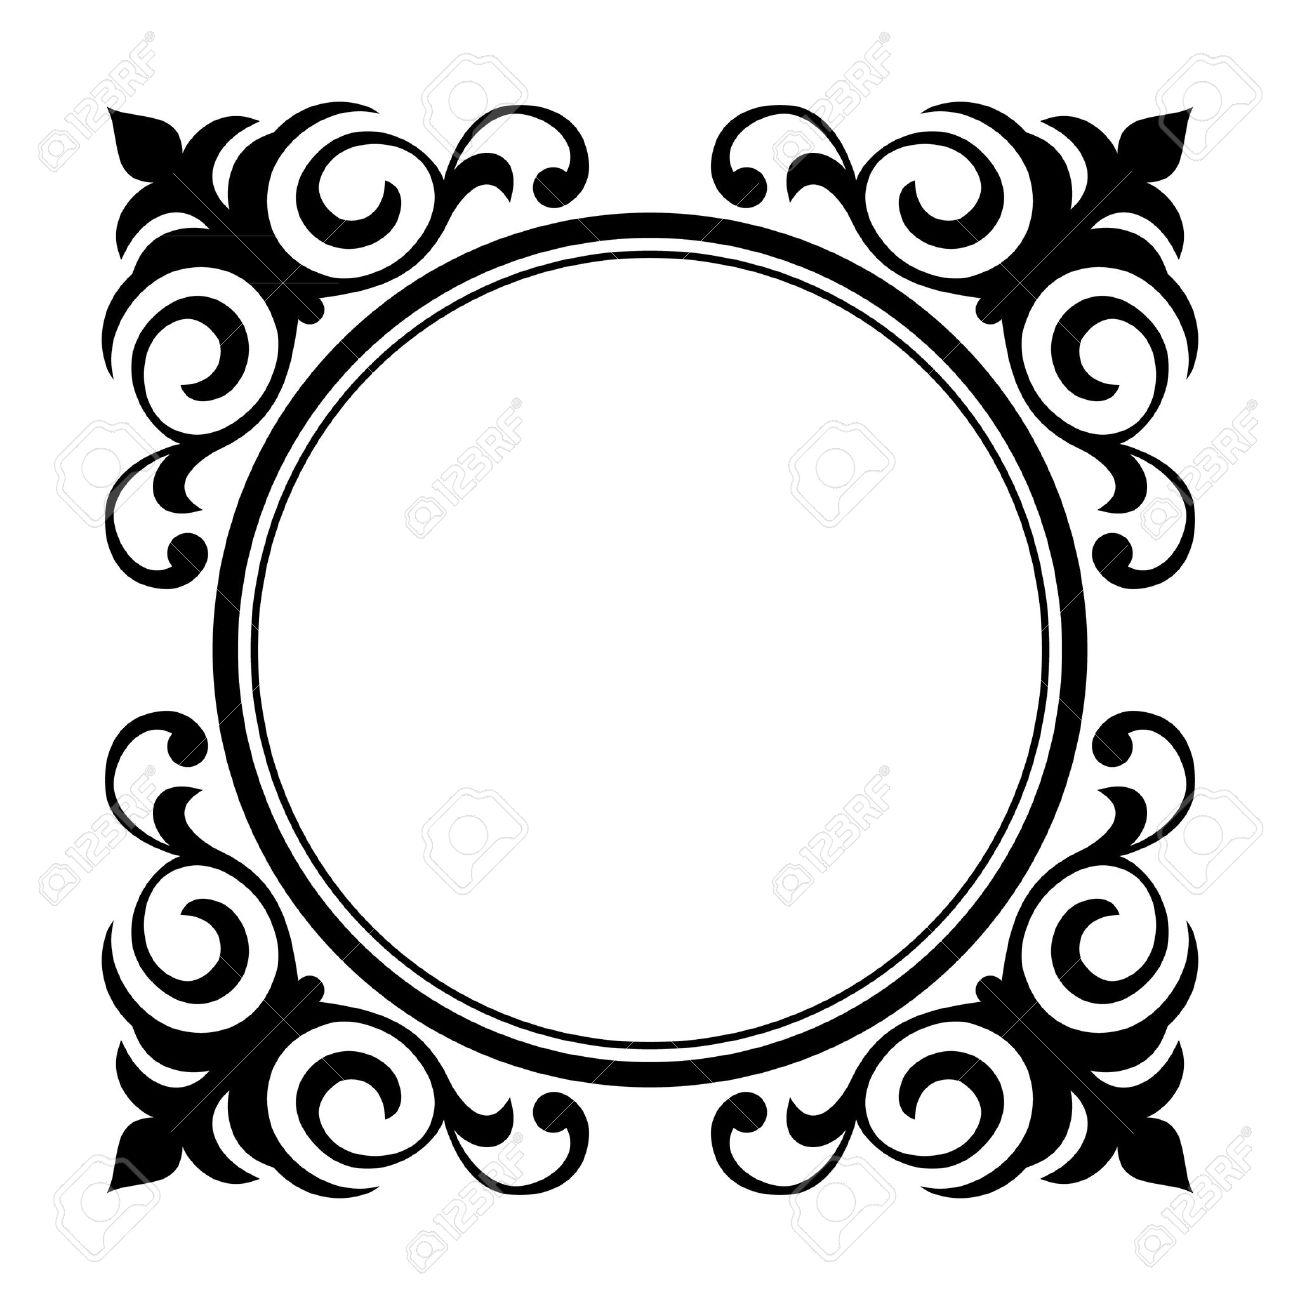 Vector circle ornamental decorative frame Stock Vector - 9716214